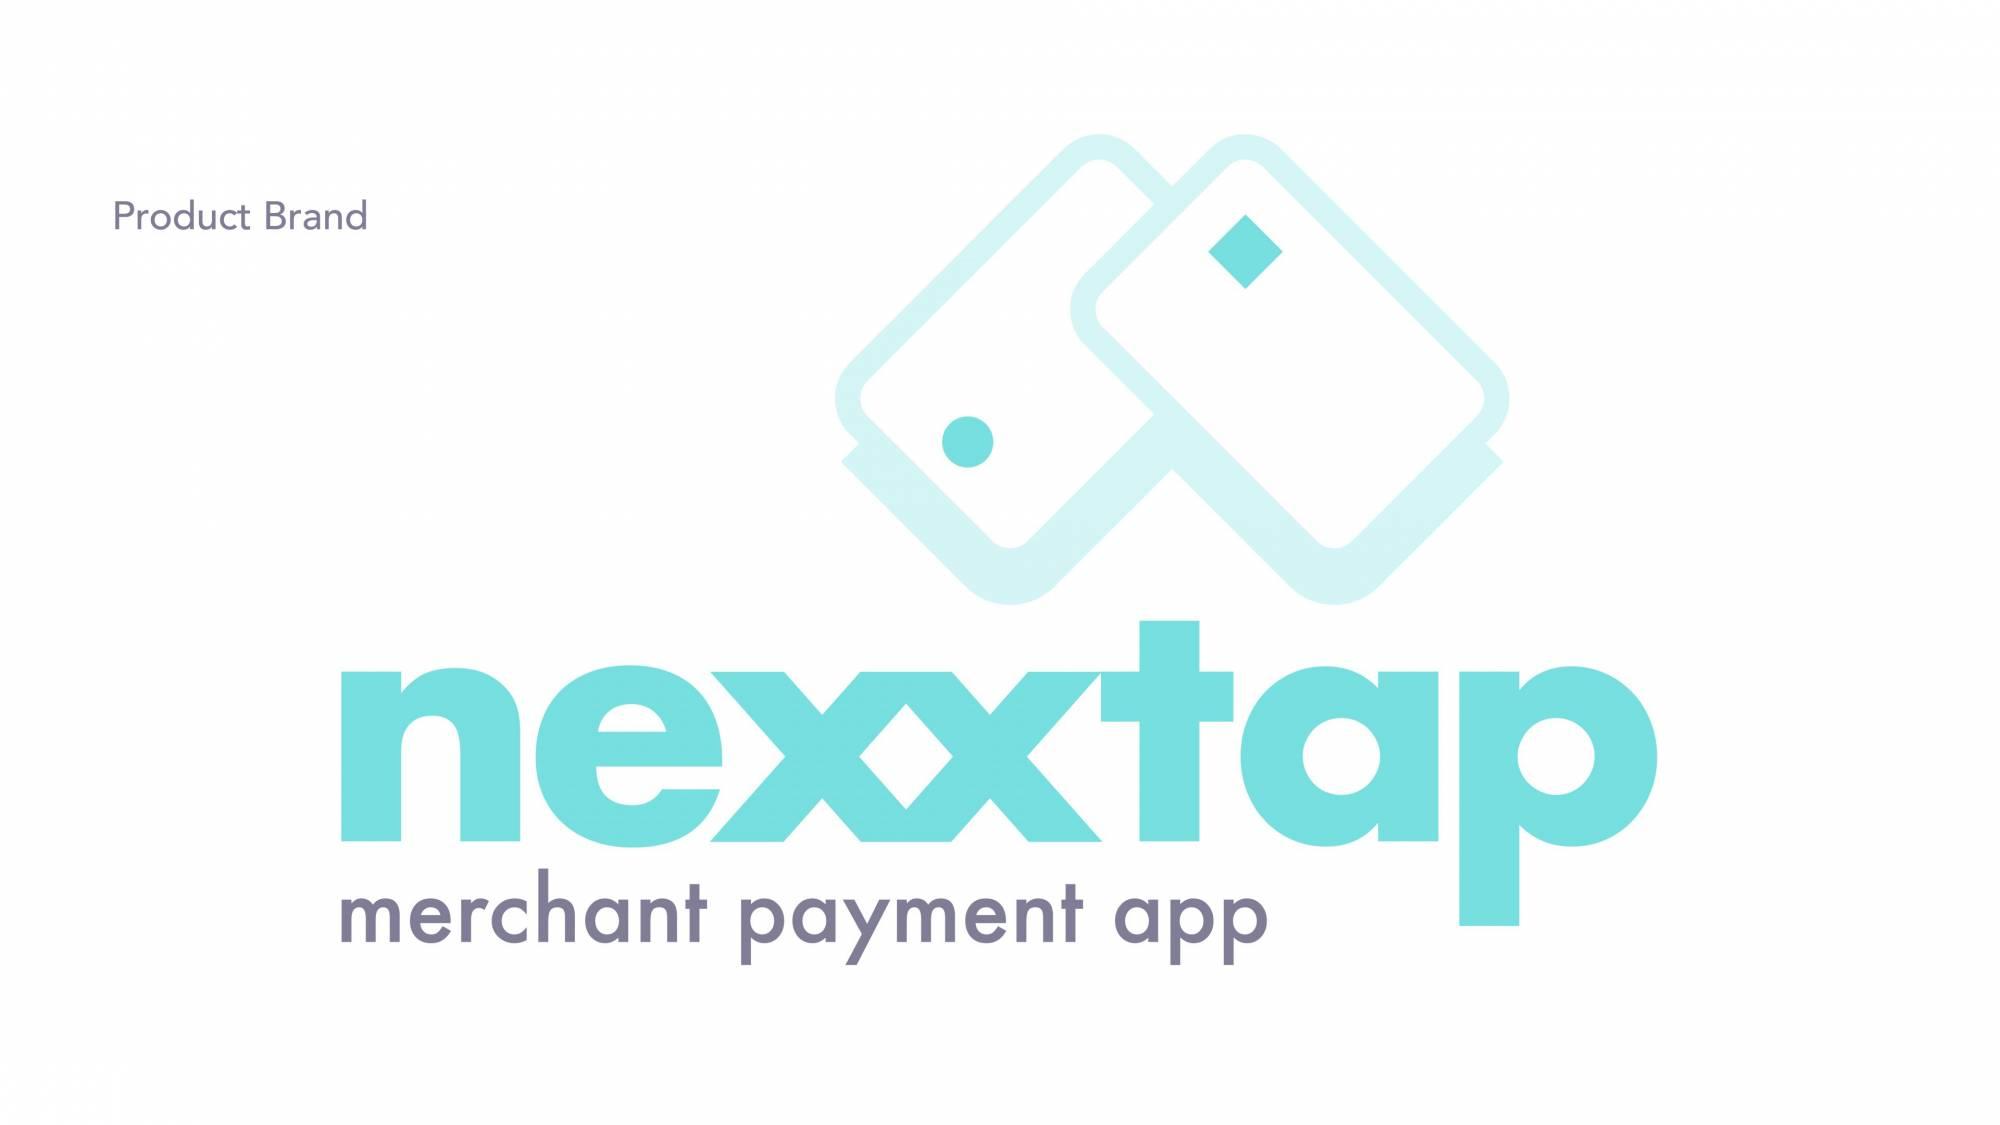 Nexxtap merchant payment app brand logo